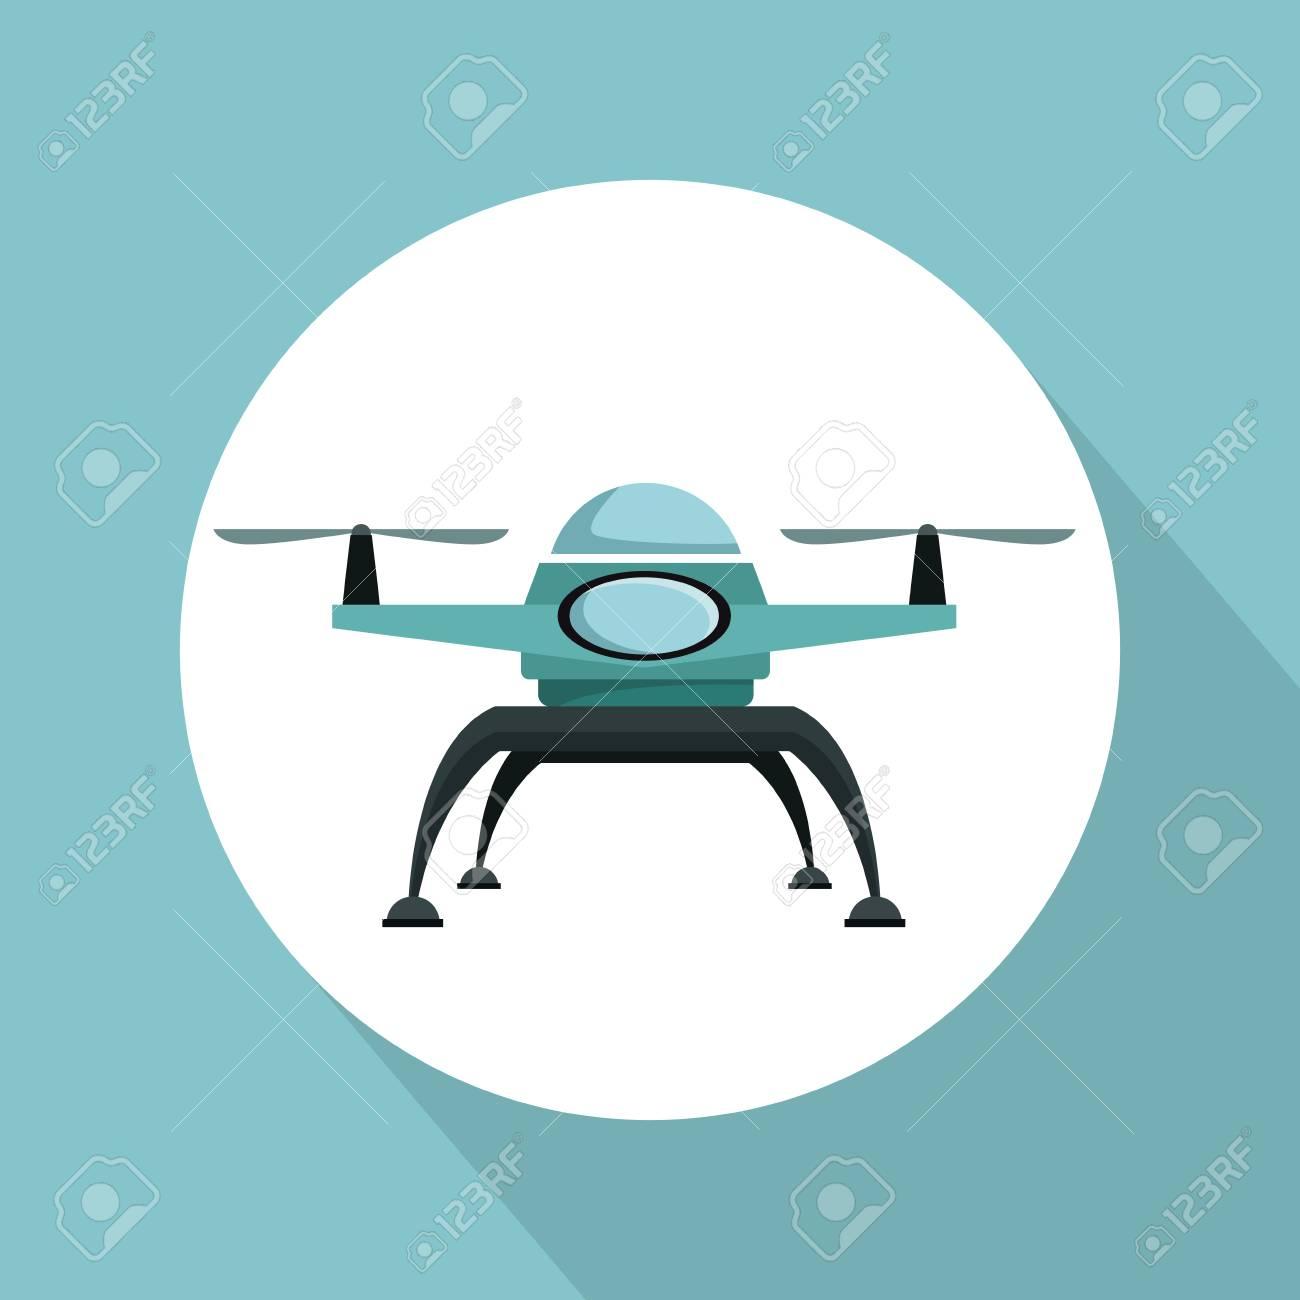 Fondo De Color Con Drone De Marco Circular Con Dos Ilustración De ...